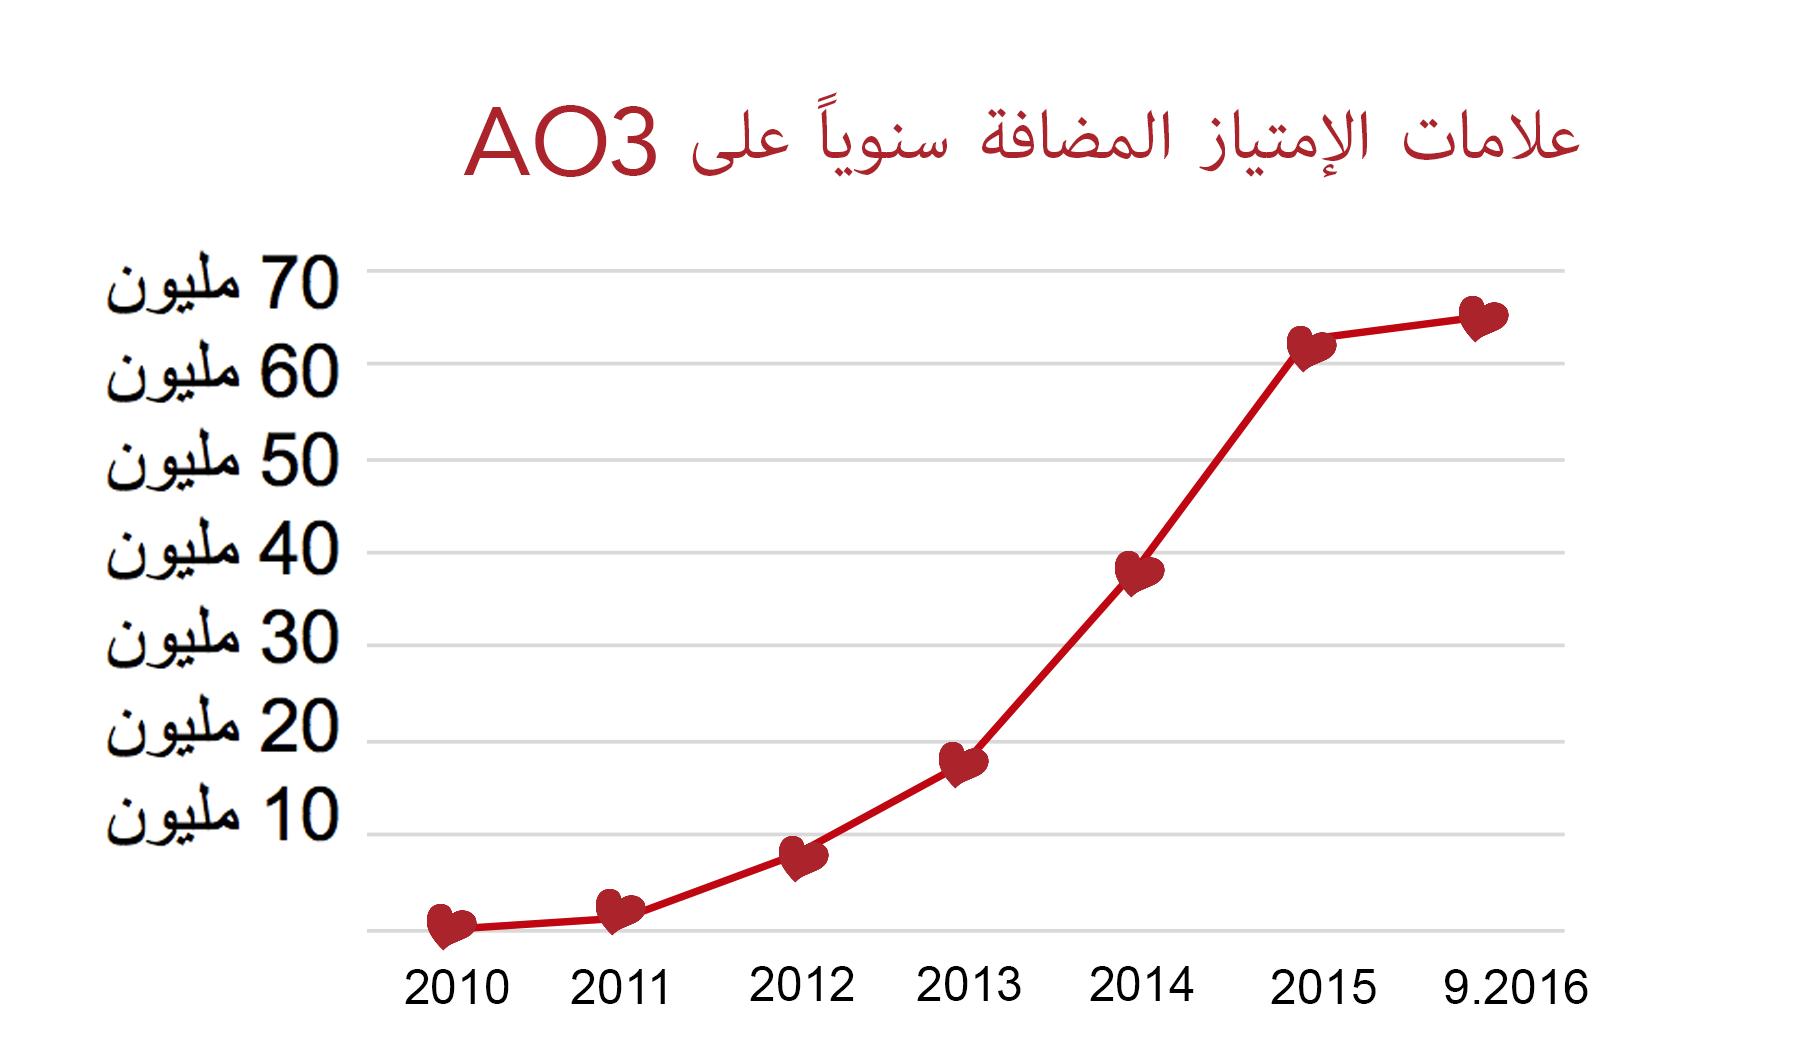 الرسم البياني لمعدل الزيادة في عدد علامات الإمتياز التي تُمنح  للأعمال على AO3، من صفر في عام 2010 إلى أكثر من 60 مليوناً في سبتمبر 2016.